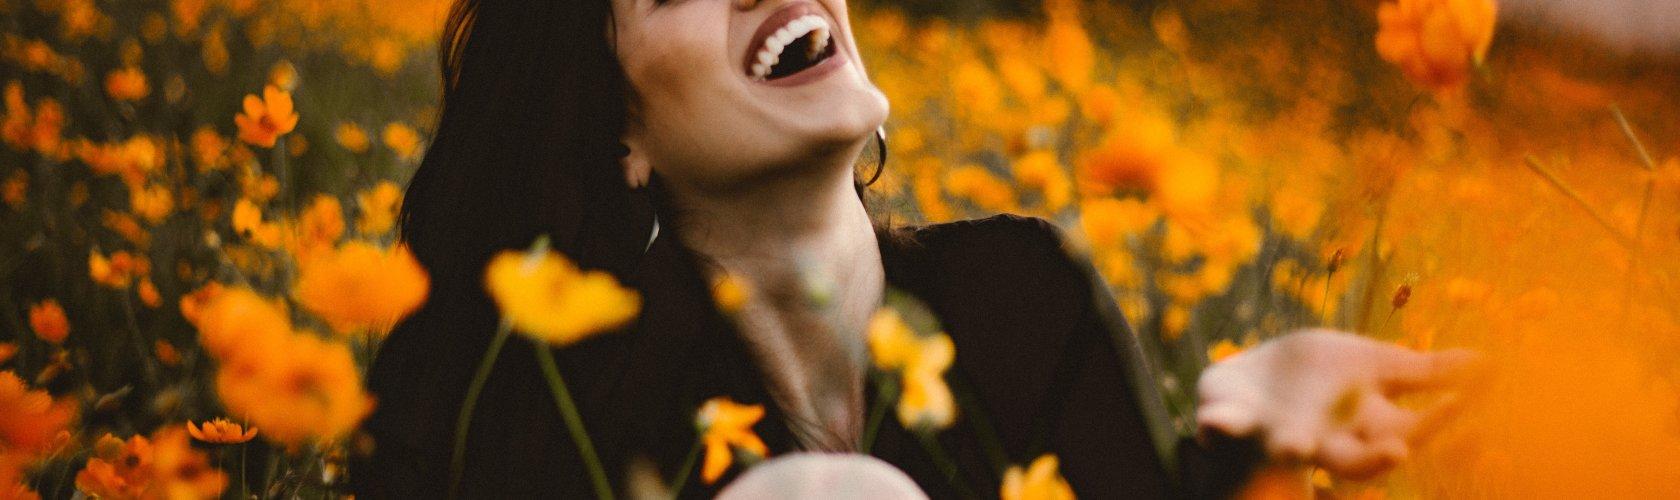 Široki bijeli osmijeh znak je odličnog općeh zdravlja